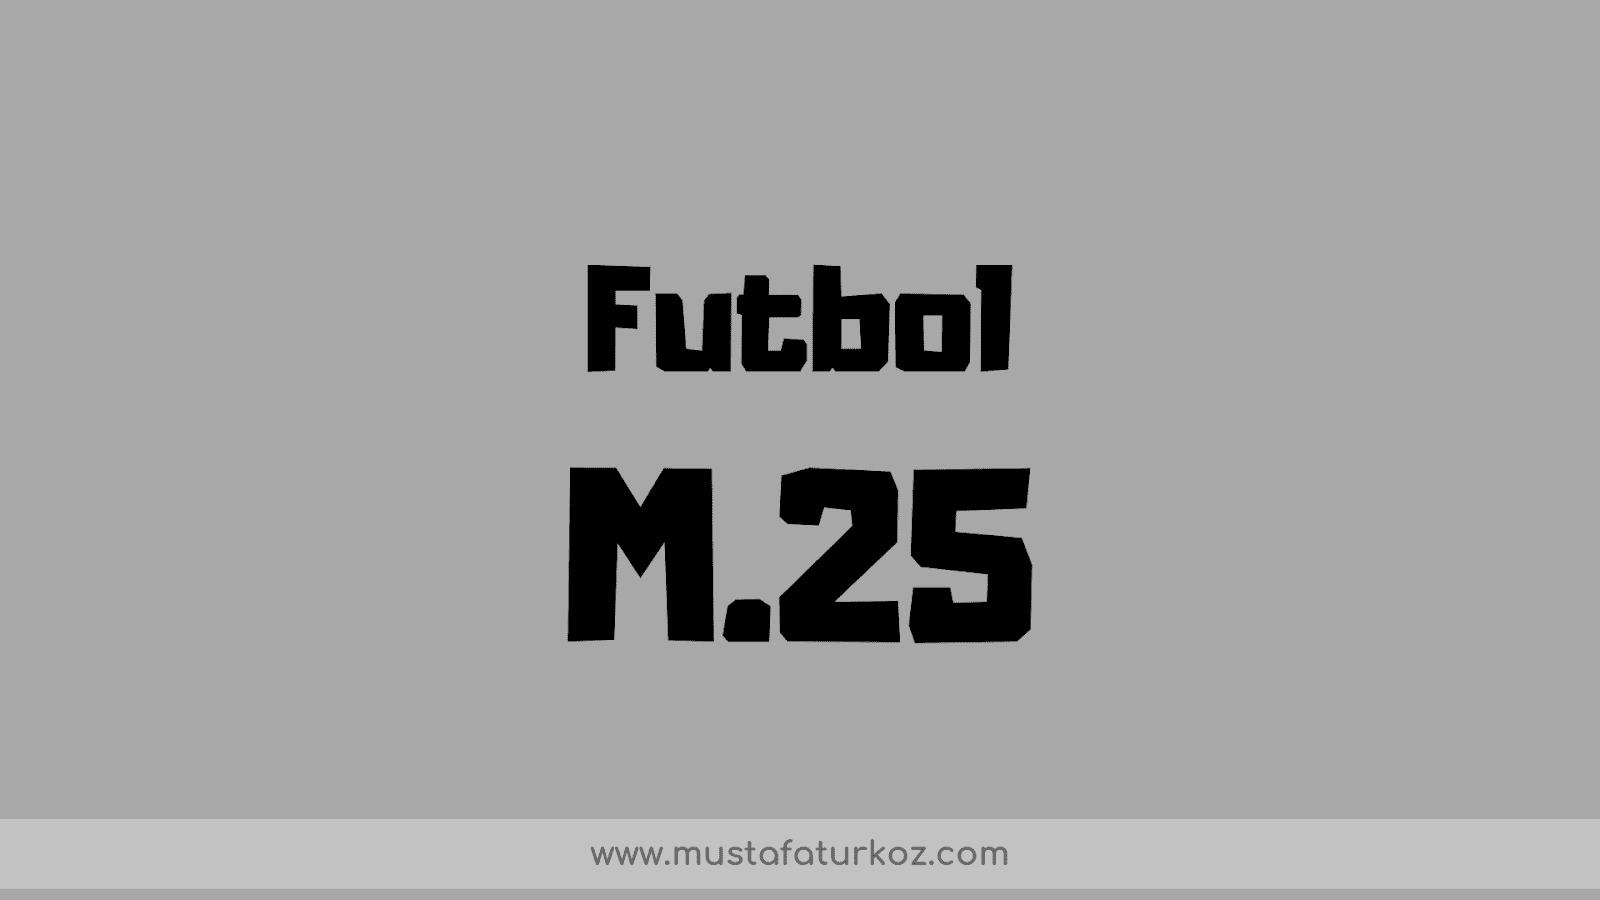 m25 futbol